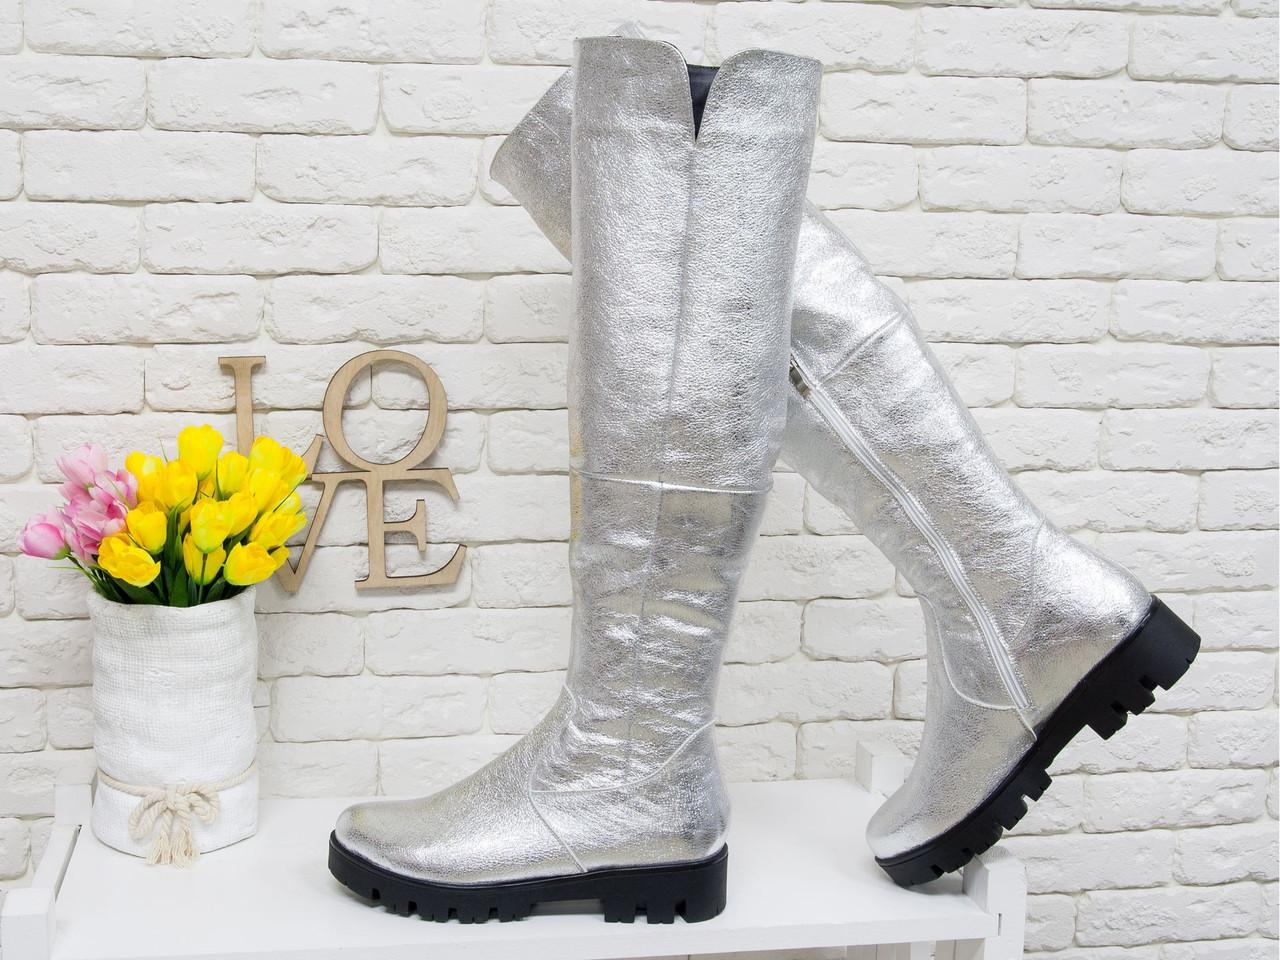 Жіночі чоботи-труби з натуральної срібною шкіри на стійкій тракторної протиковзкою підошві.